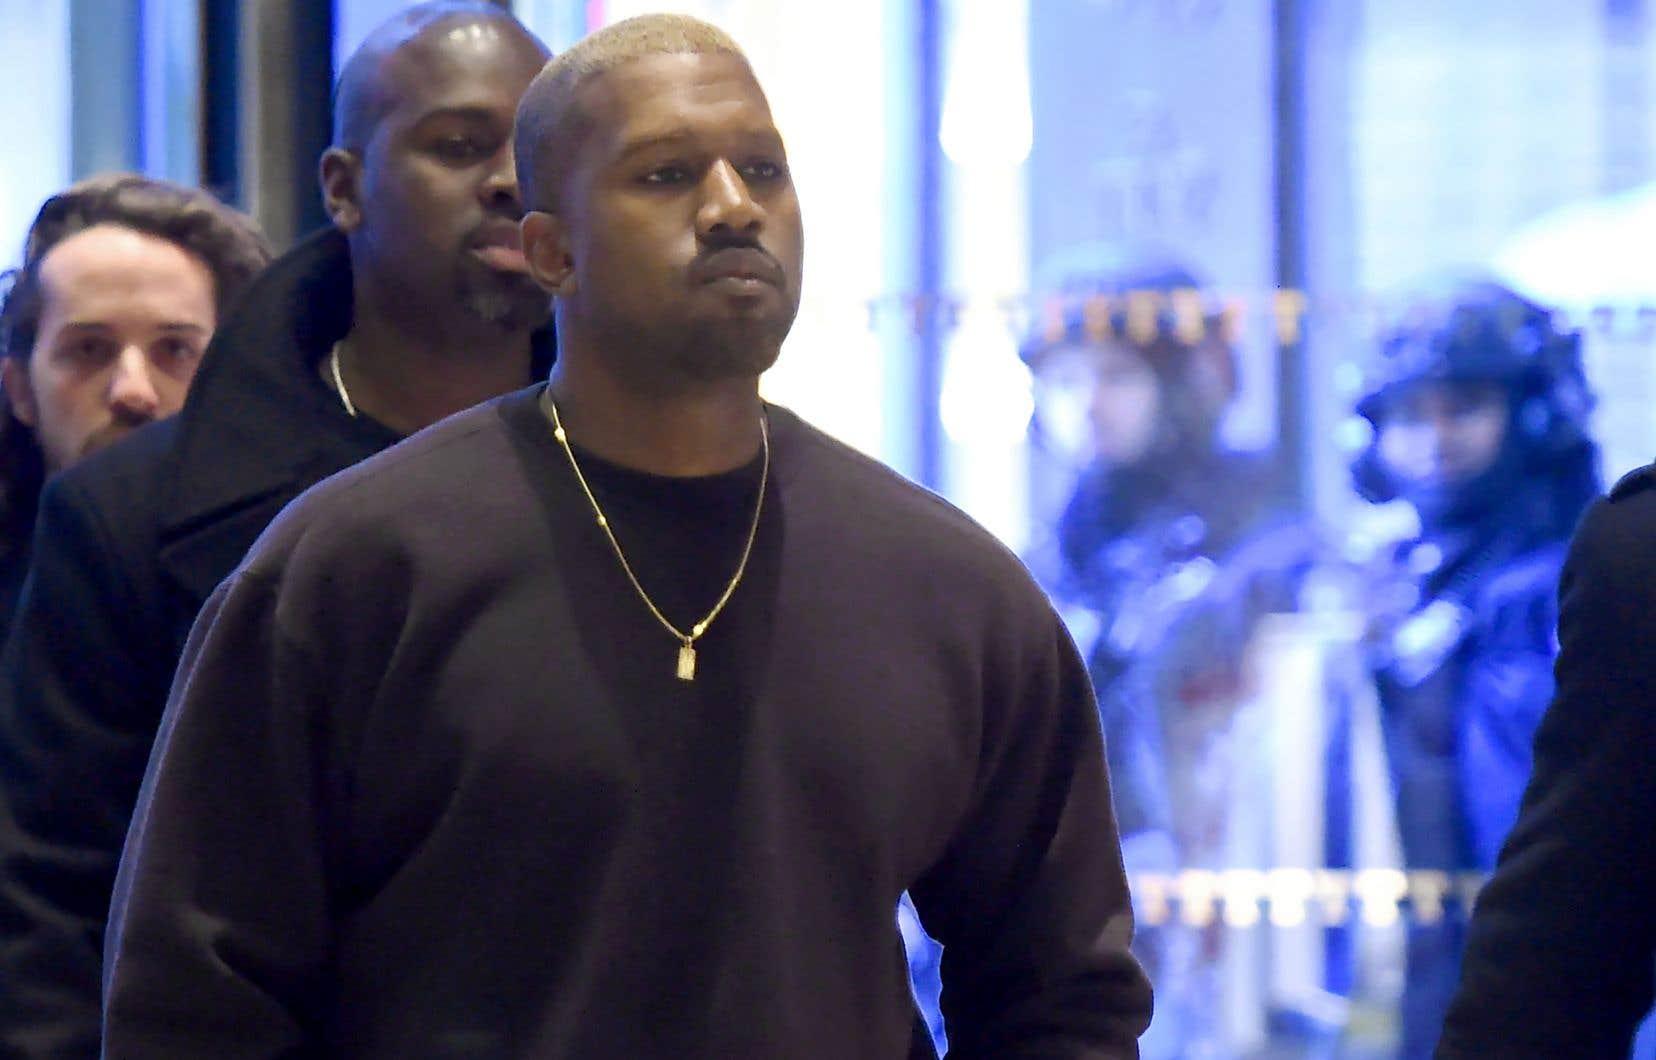 Kanye West a fait l'objet de vives critiques du public récemment, notamment pour avoir associé l'esclavagisme en Amérique à un choix des populations noires.